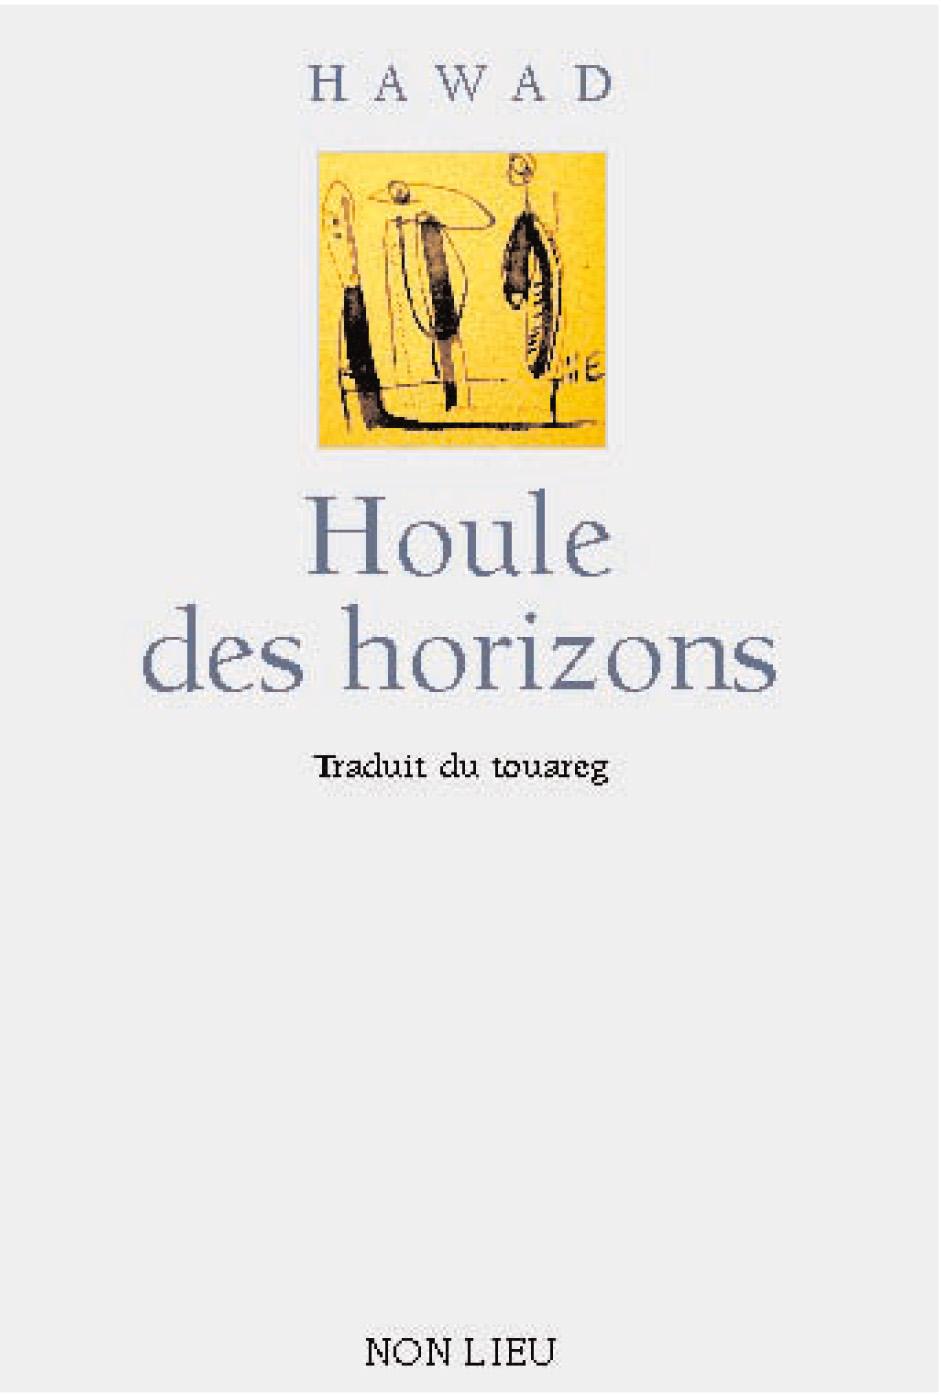 Ouvrage traduit du touareg par l'auteur et Hélène Claudot-Hawad  Livre sonore en tamajaght